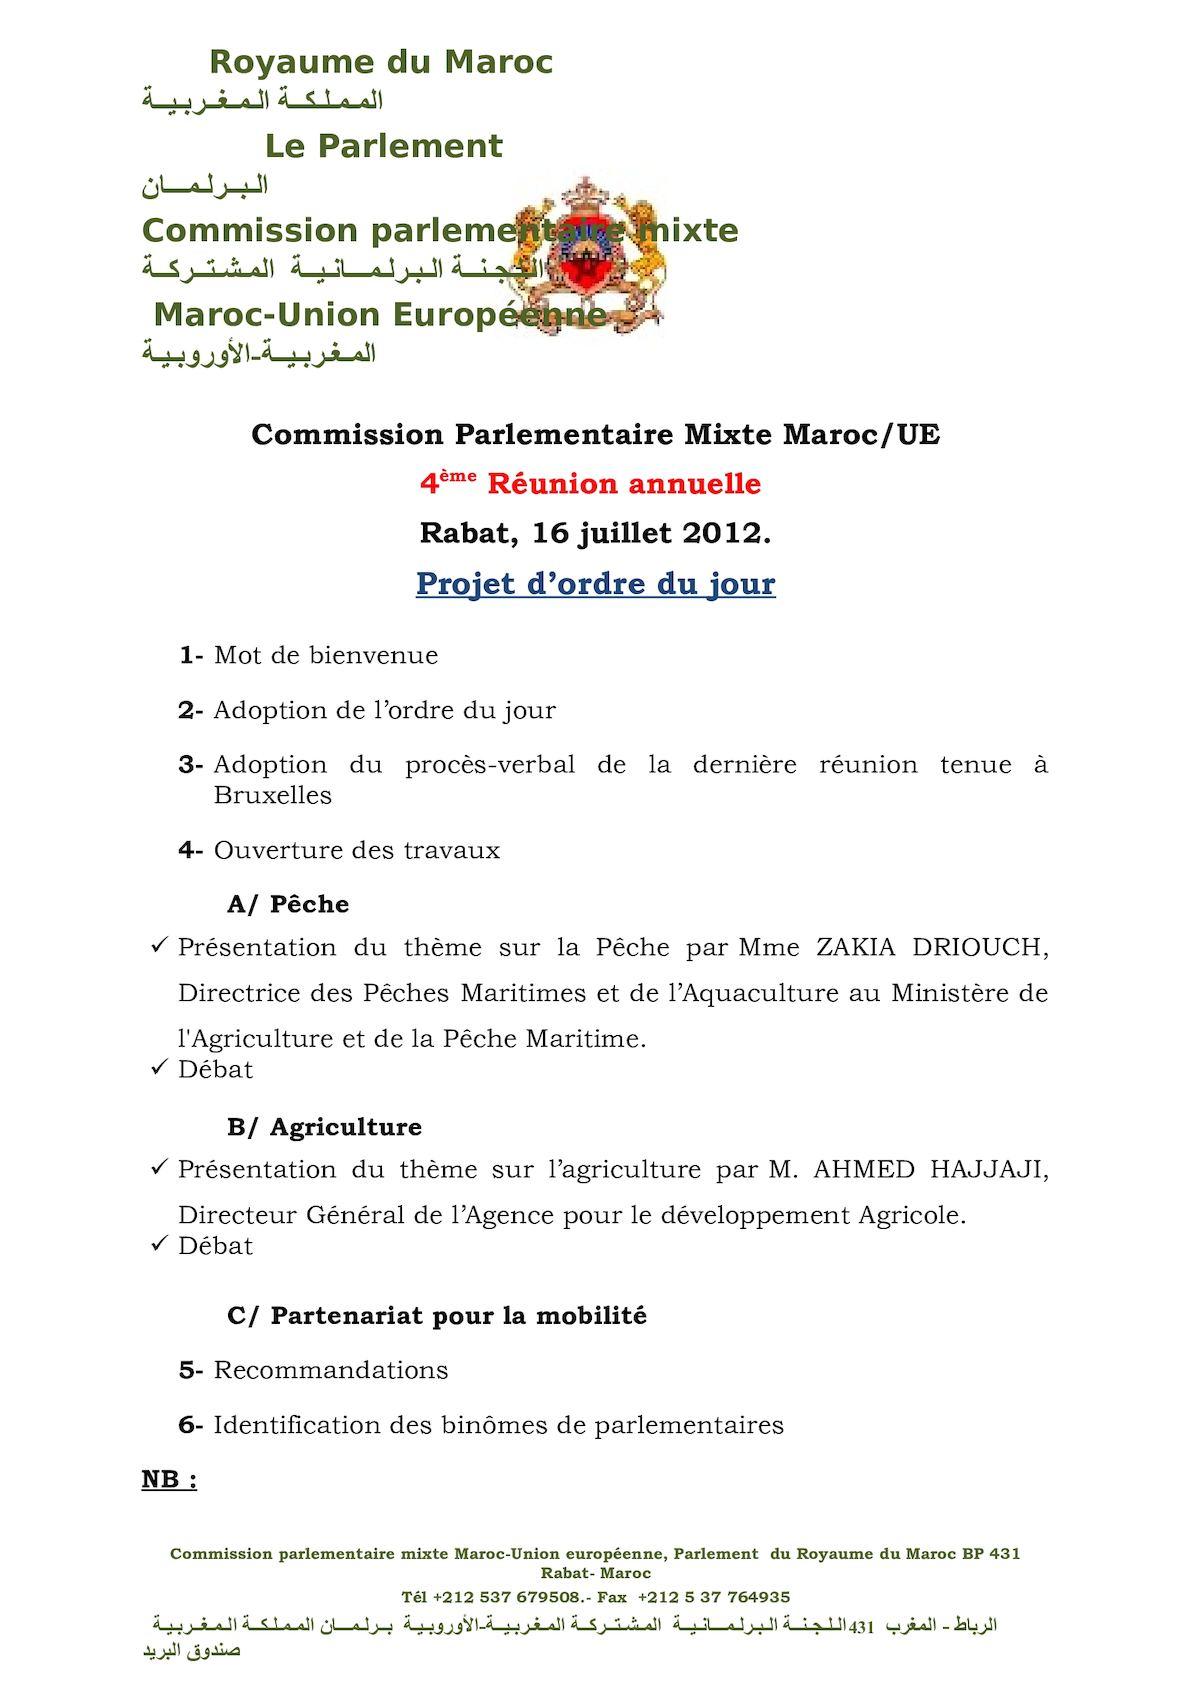 Ordre Du Jour 4ème Réunion Annuelle CPM  16 Juillet 2012